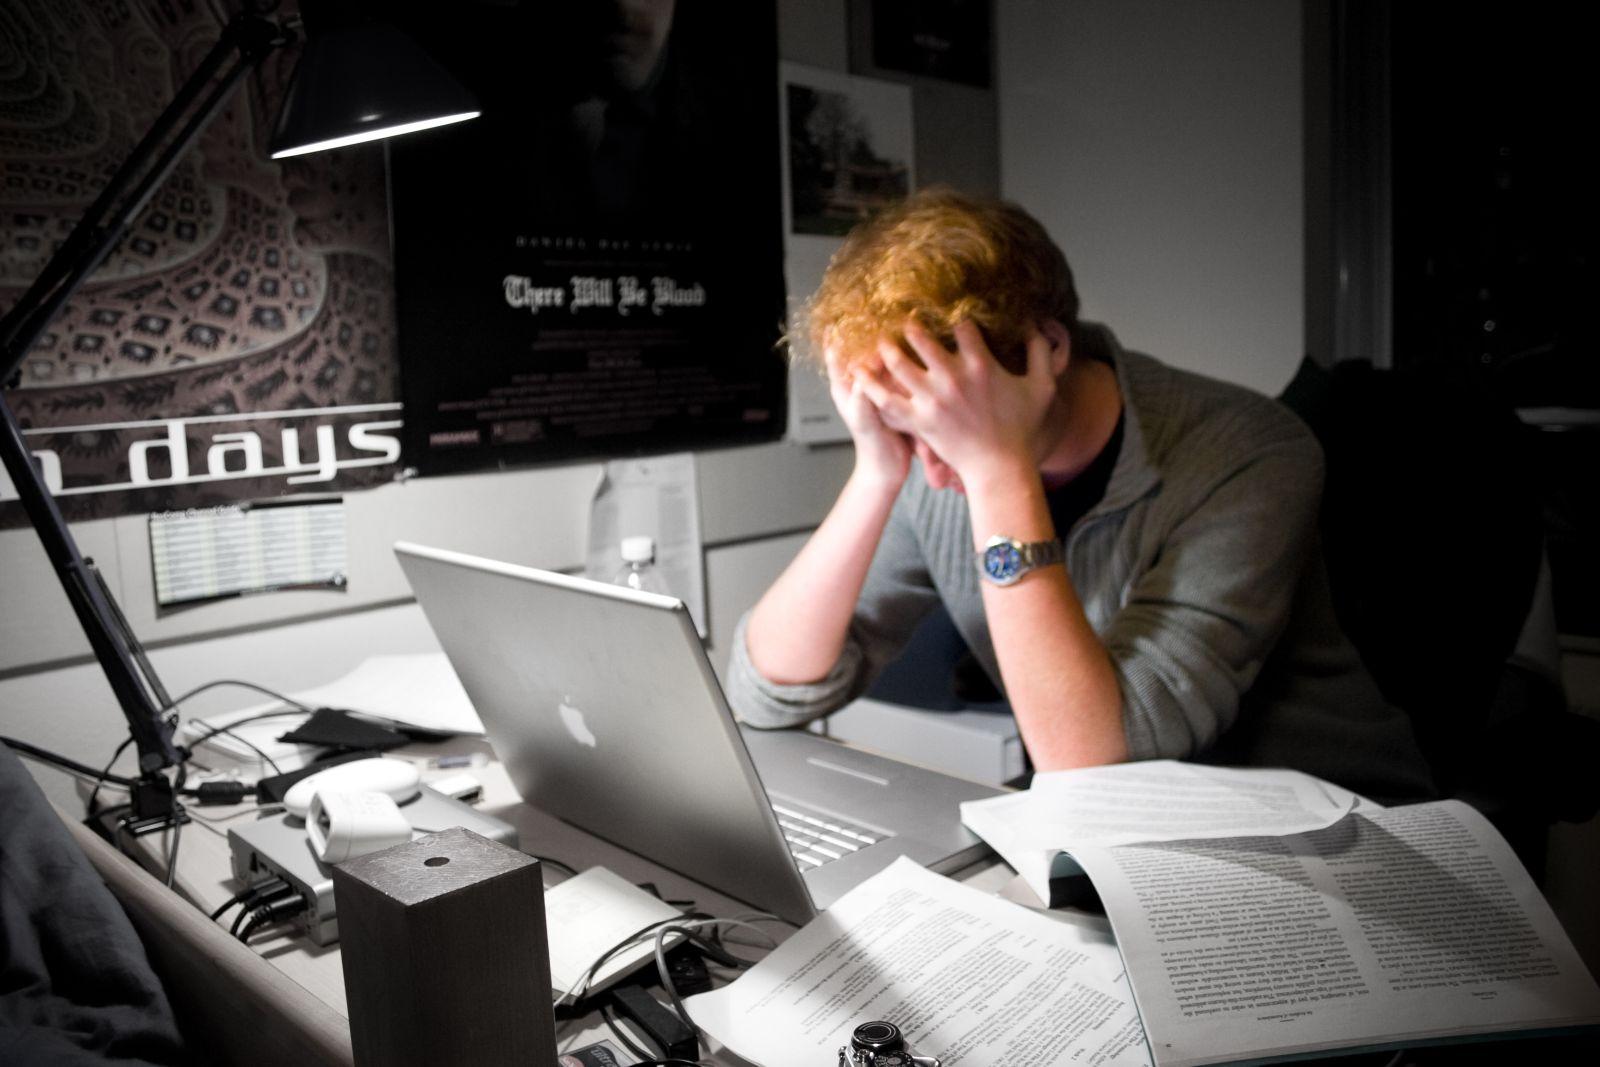 Программирование фриланс вакансии заработок на фрилансе видео